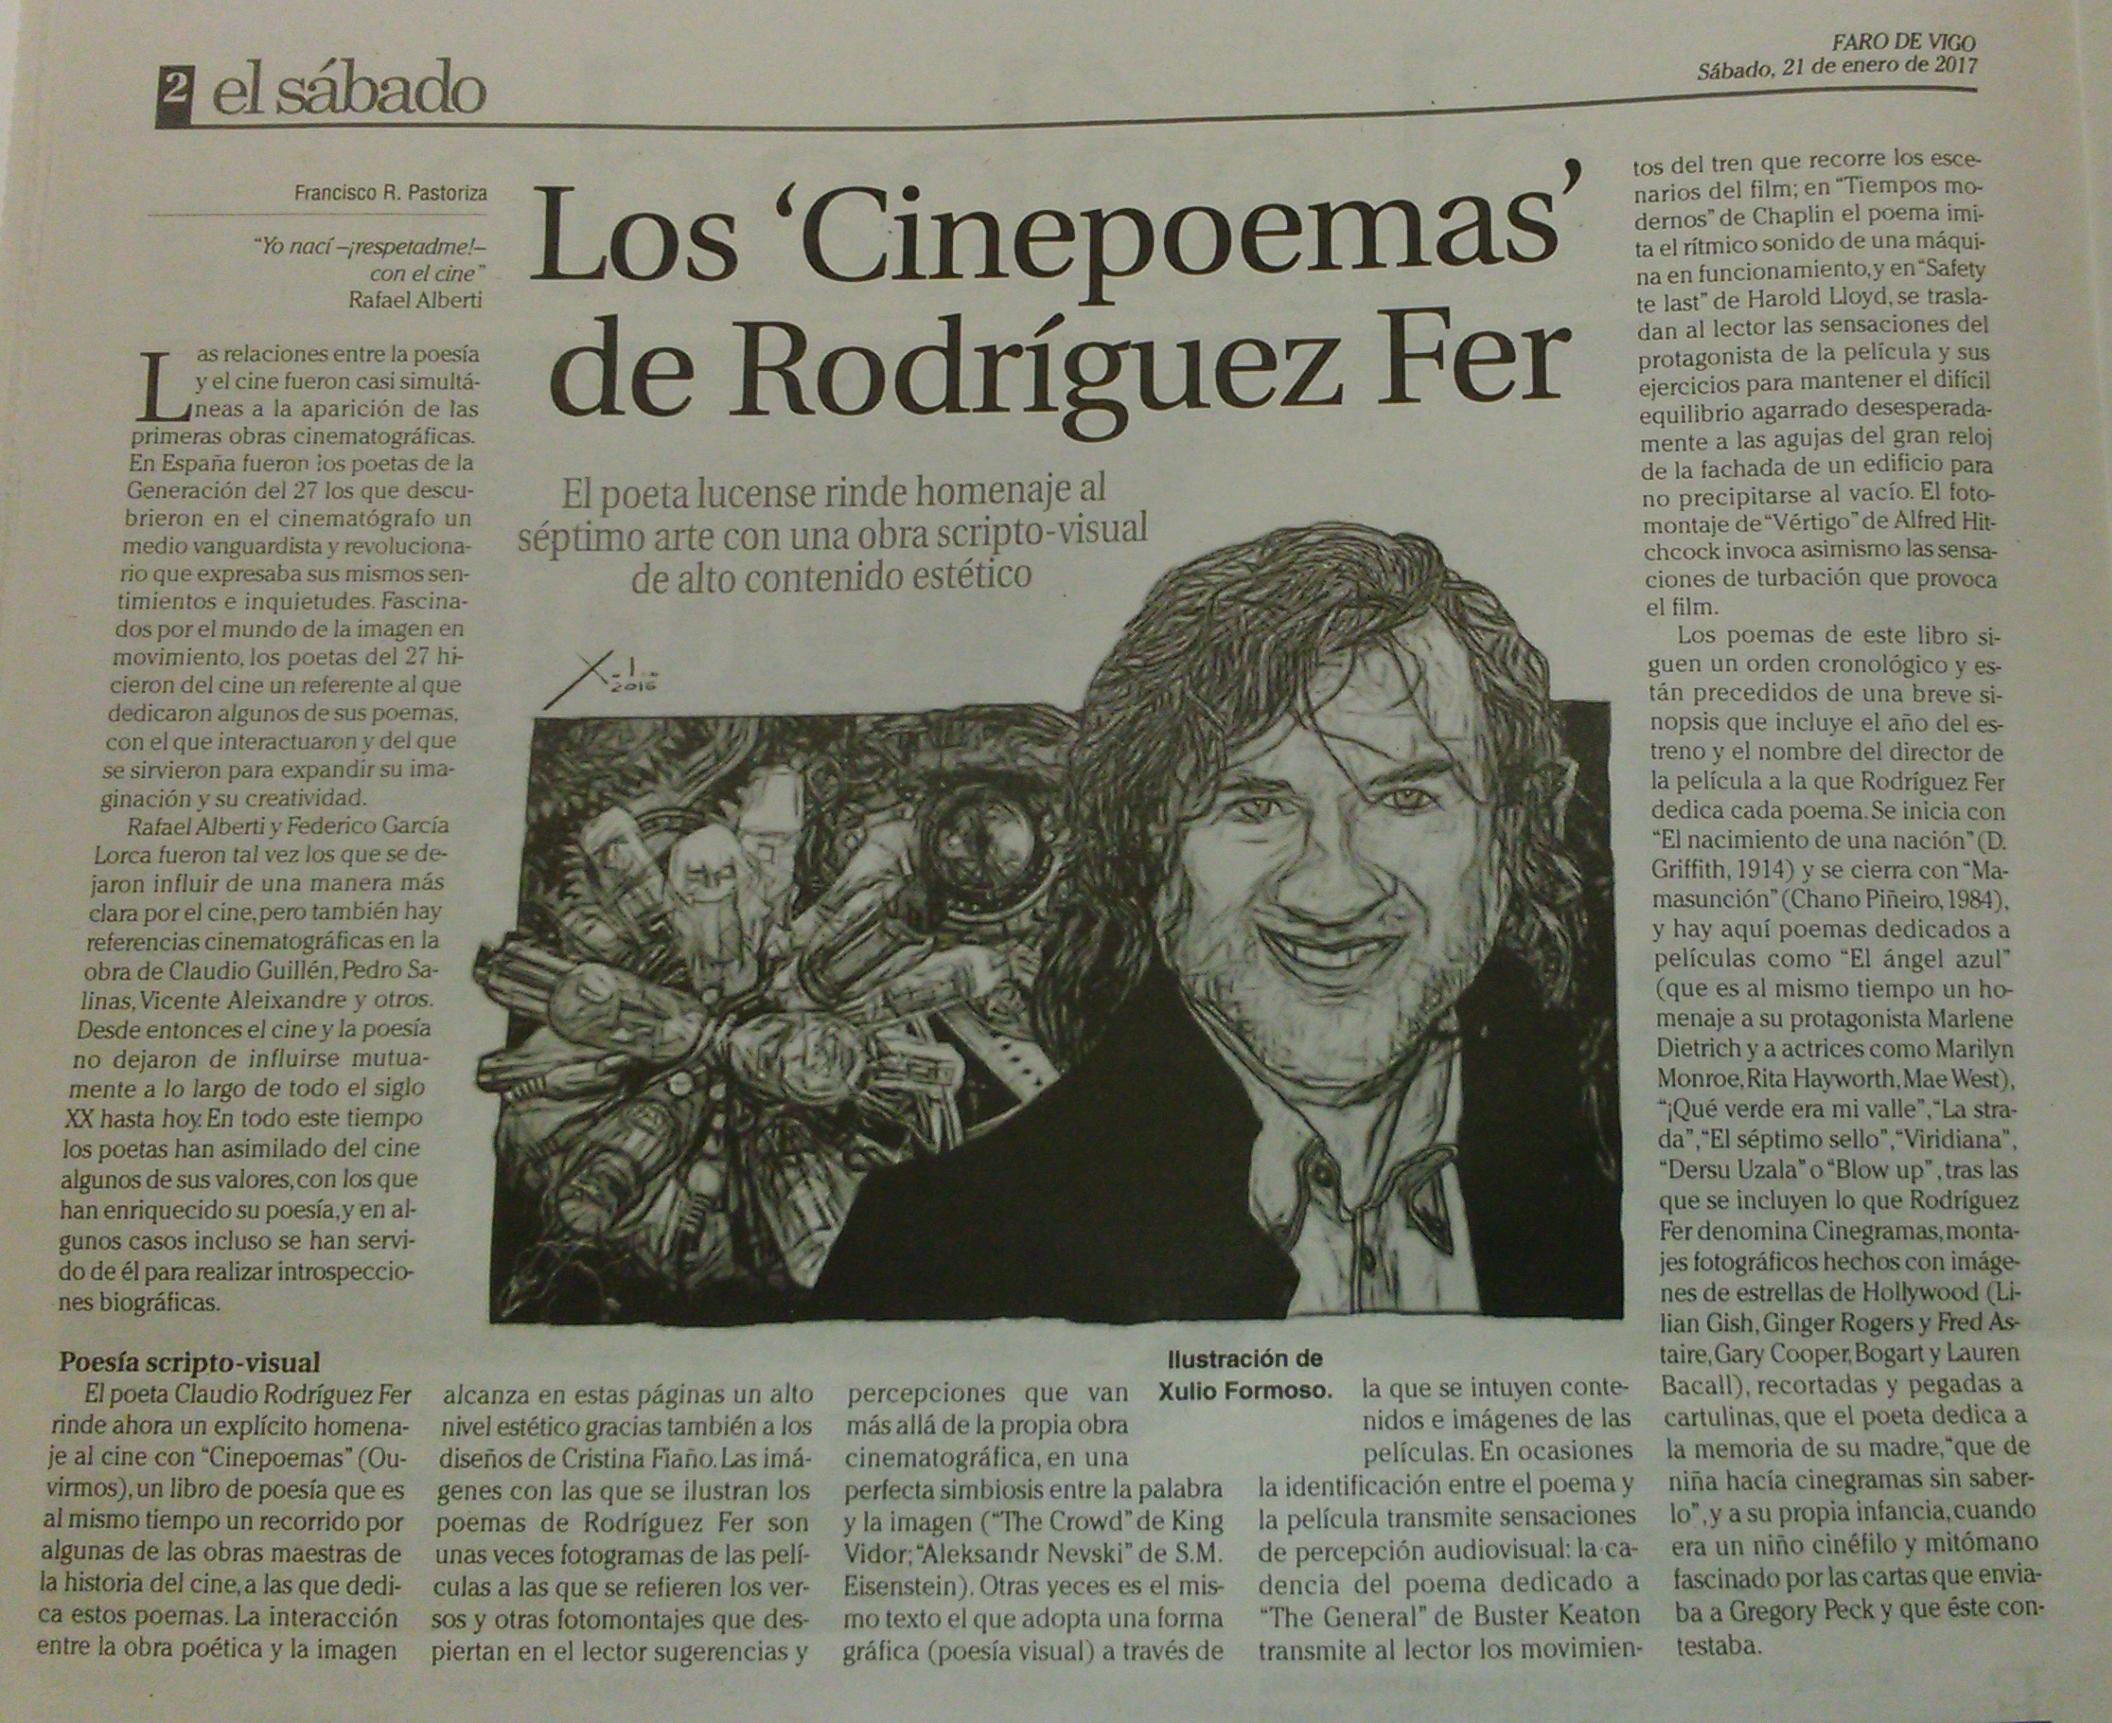 """Os """"Cinepoemas"""" no Faro de Vigo"""